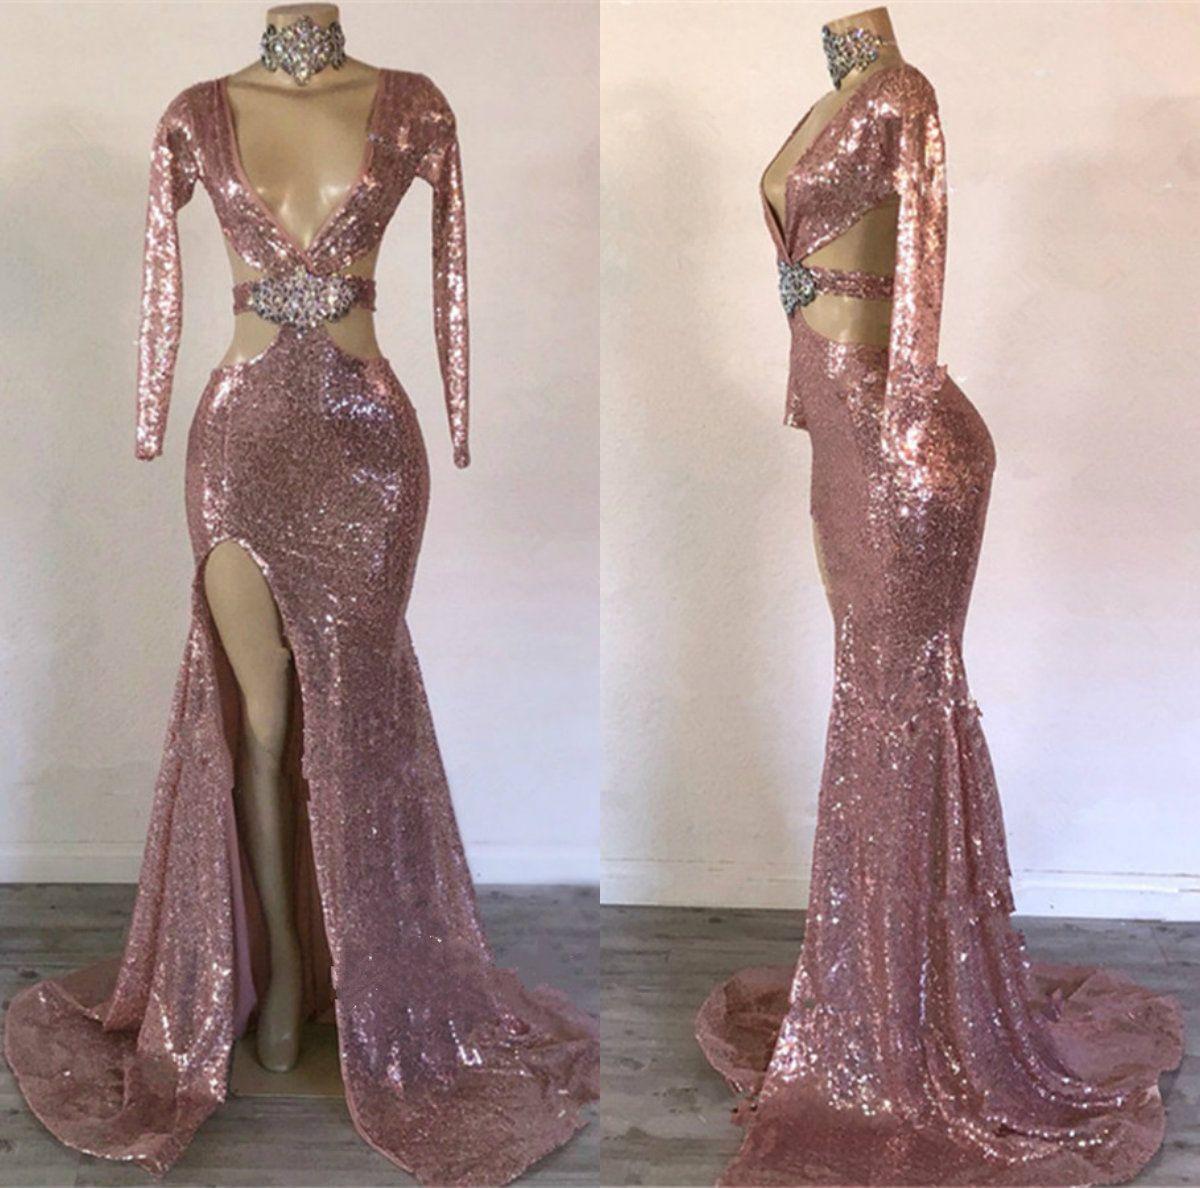 2019 rose gold abendkleider tiefe v ausschnitt pailletten kristall seite split sexy meerjungfrau dress party tragen echt bilder formale anlass kleider